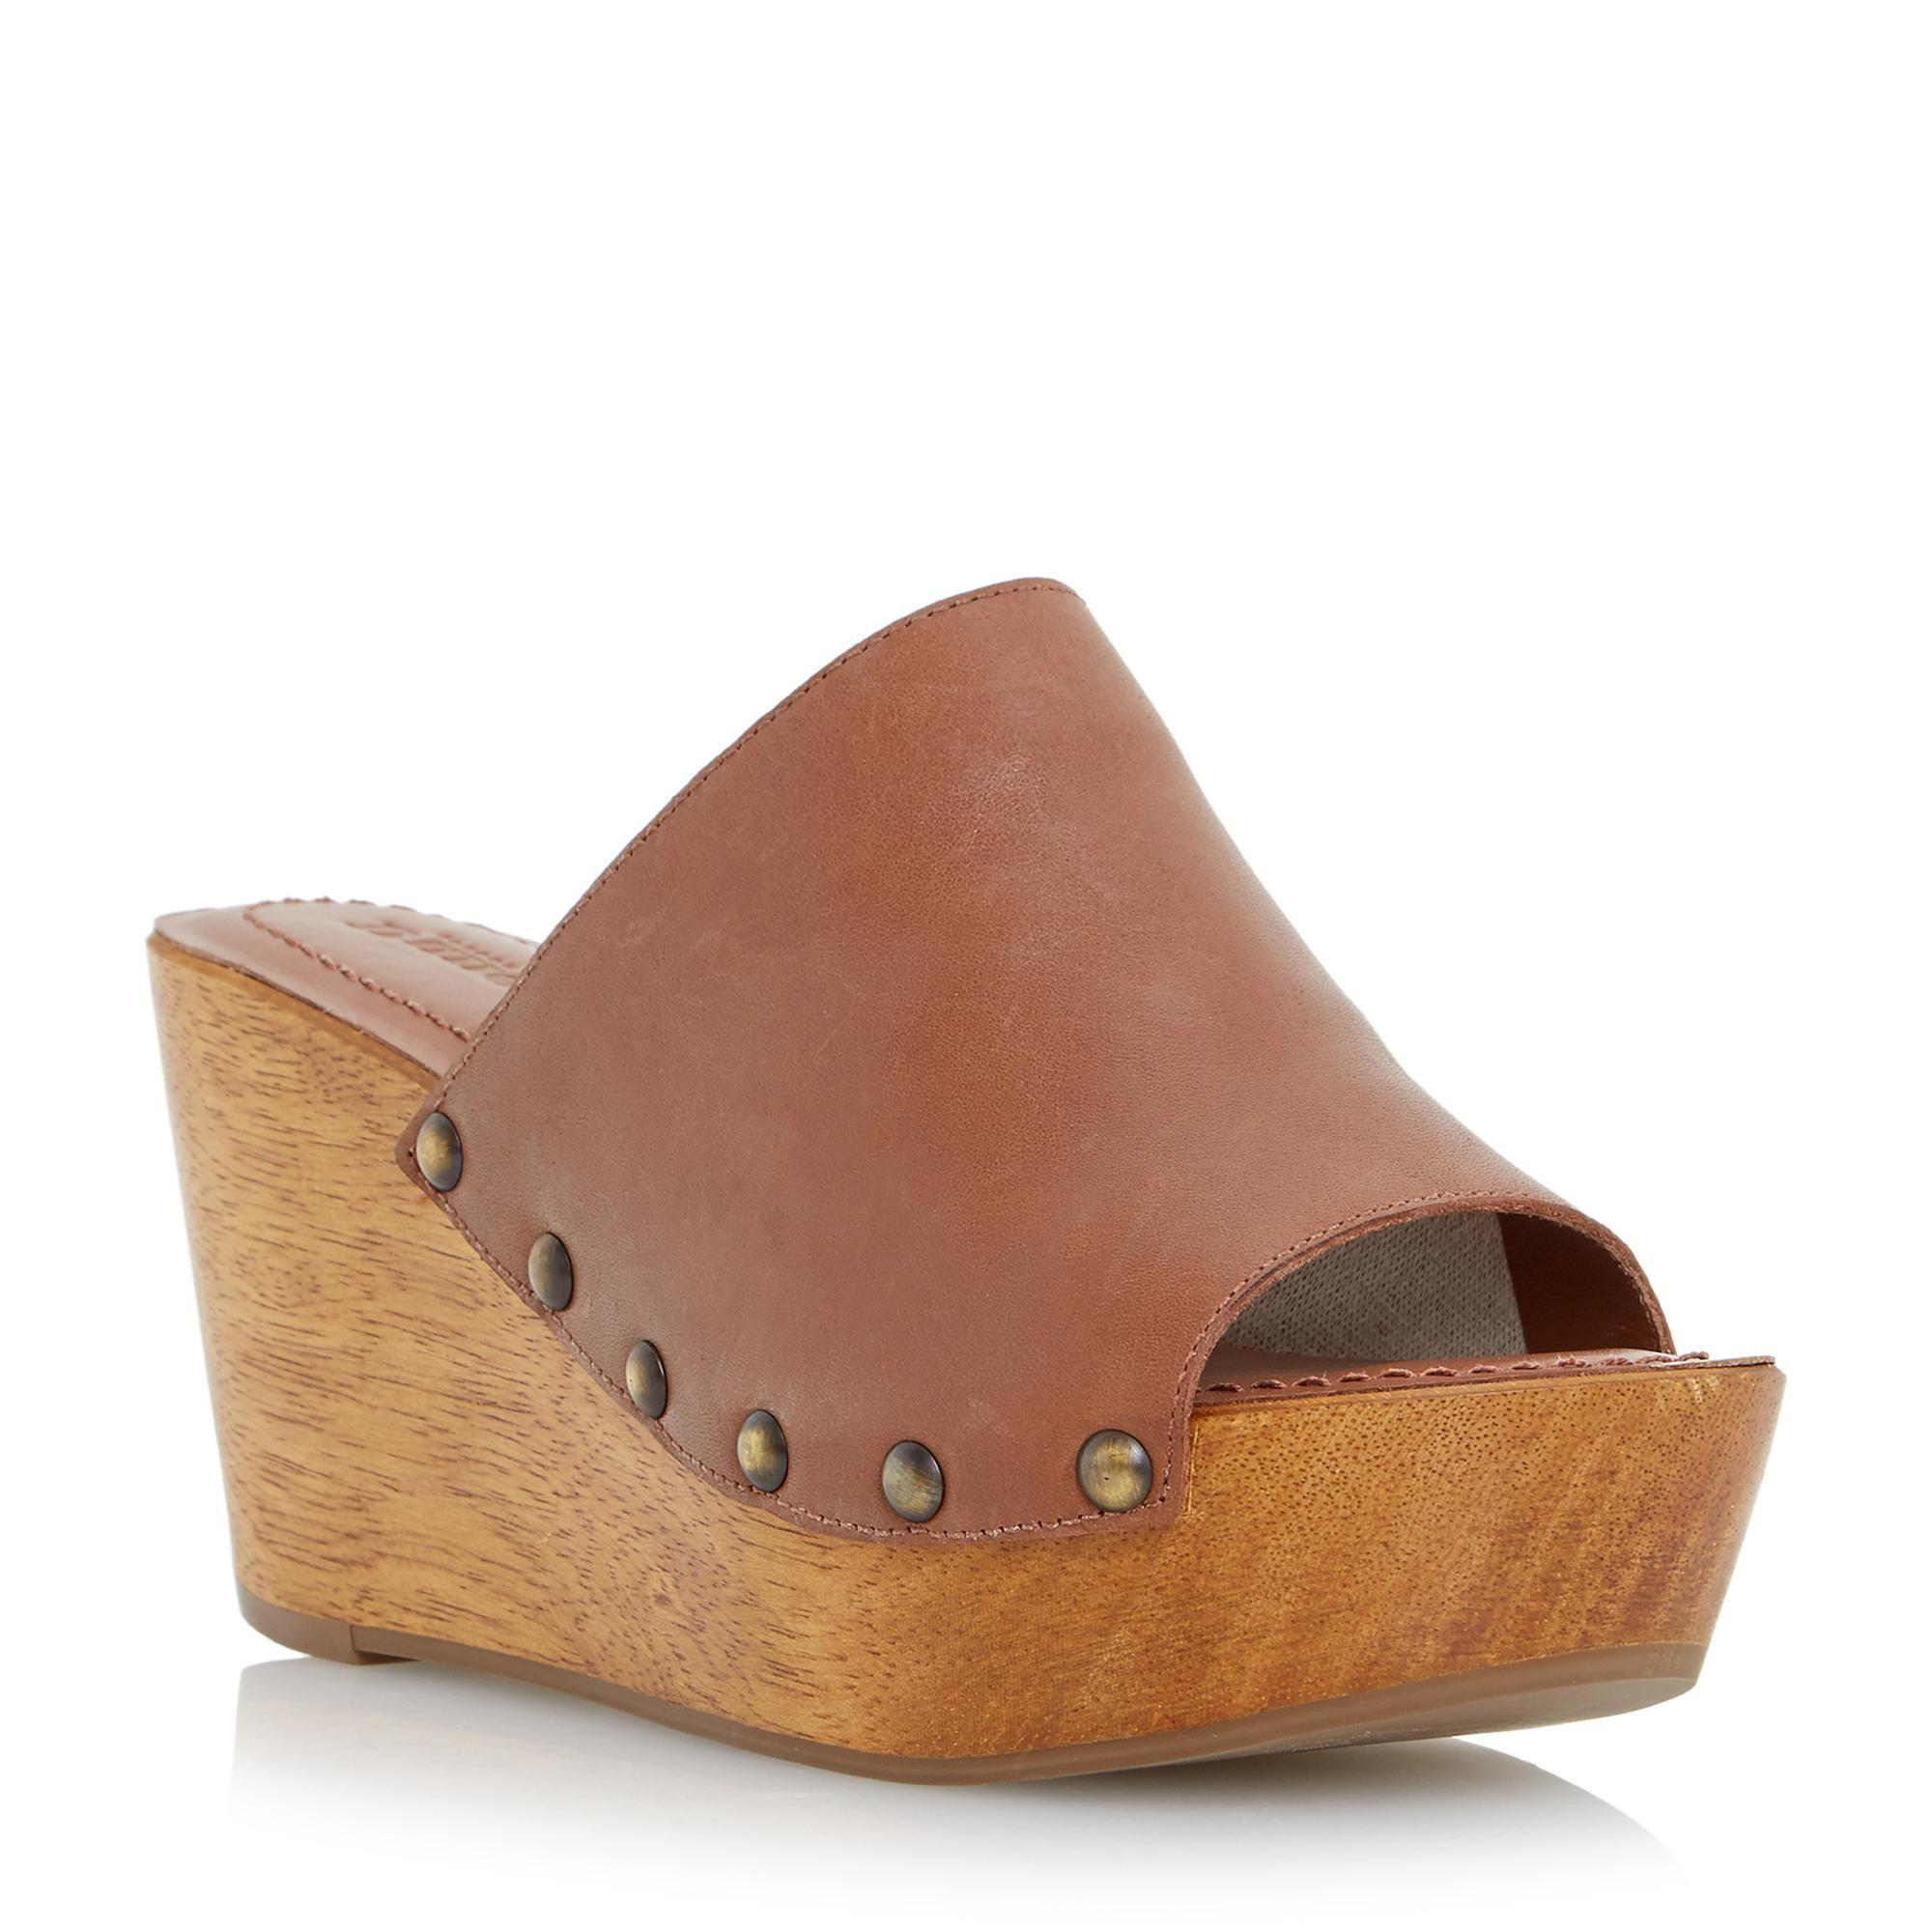 47ce865bd DUNE LADIES KEERA - Wooden Wedge Heel Mule Sandal - tan